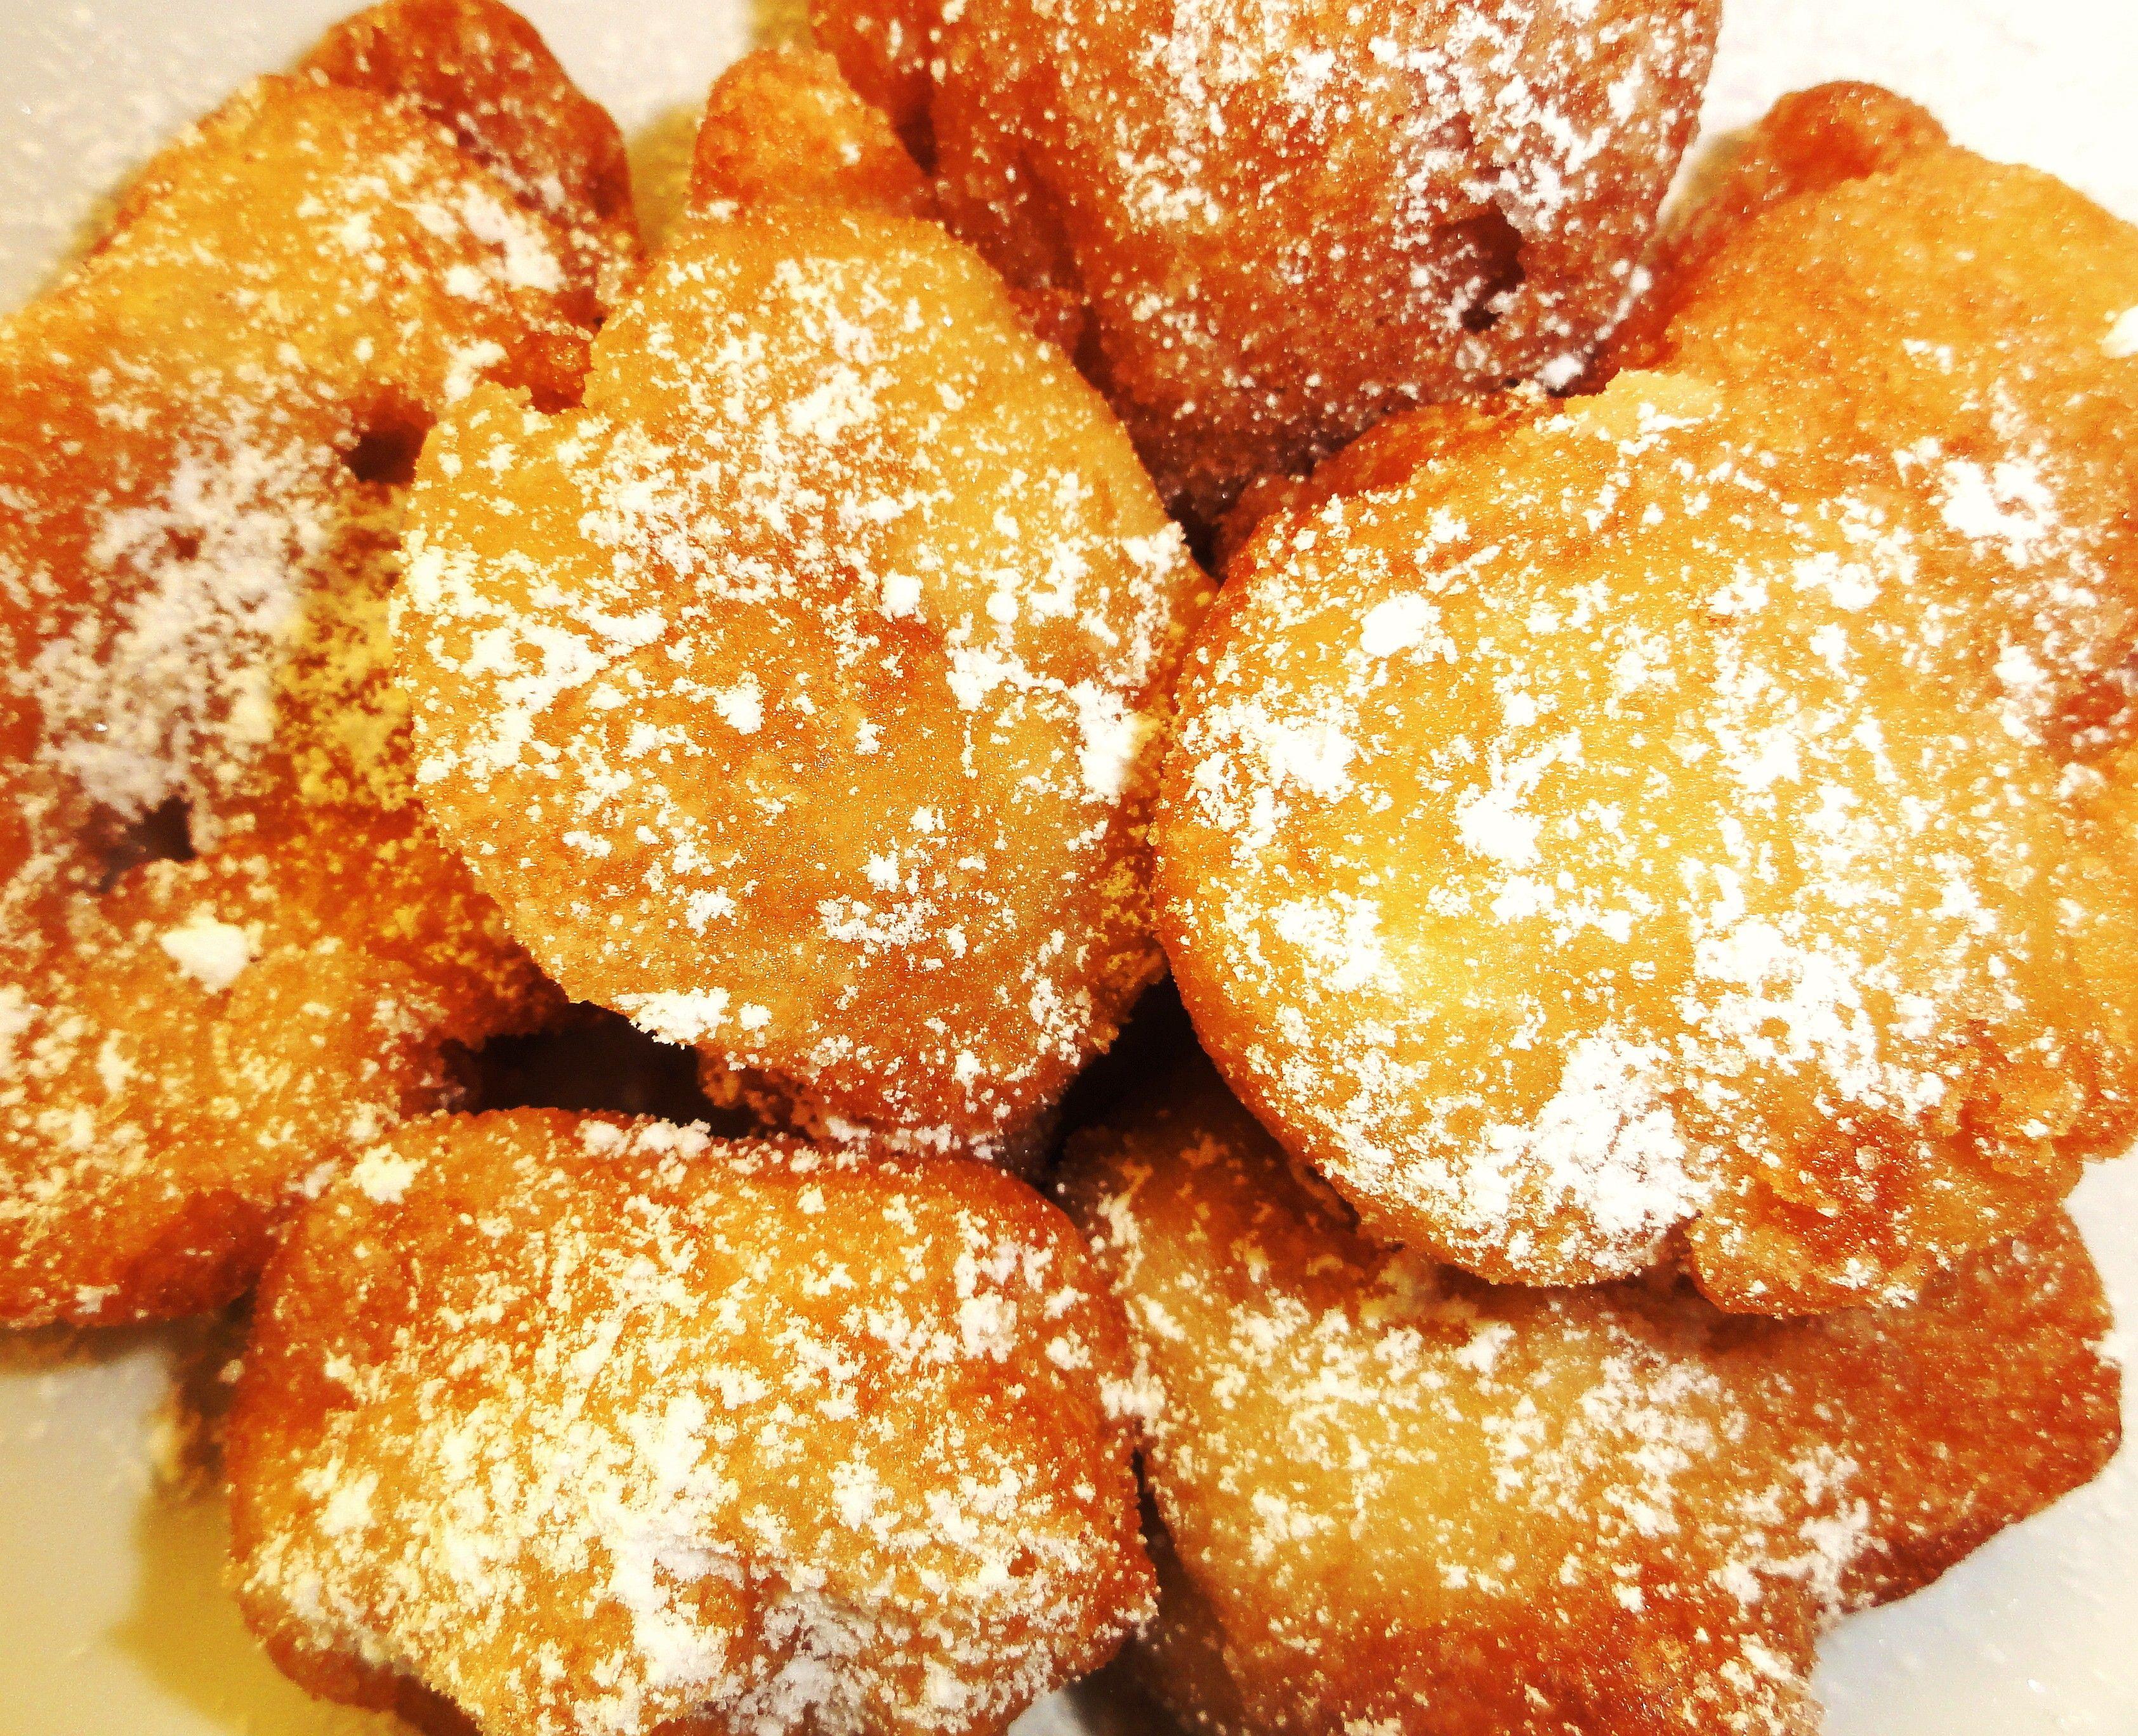 Recette Churros De Fete Foraine recette croustillons | recette, recettes de cuisine, recette